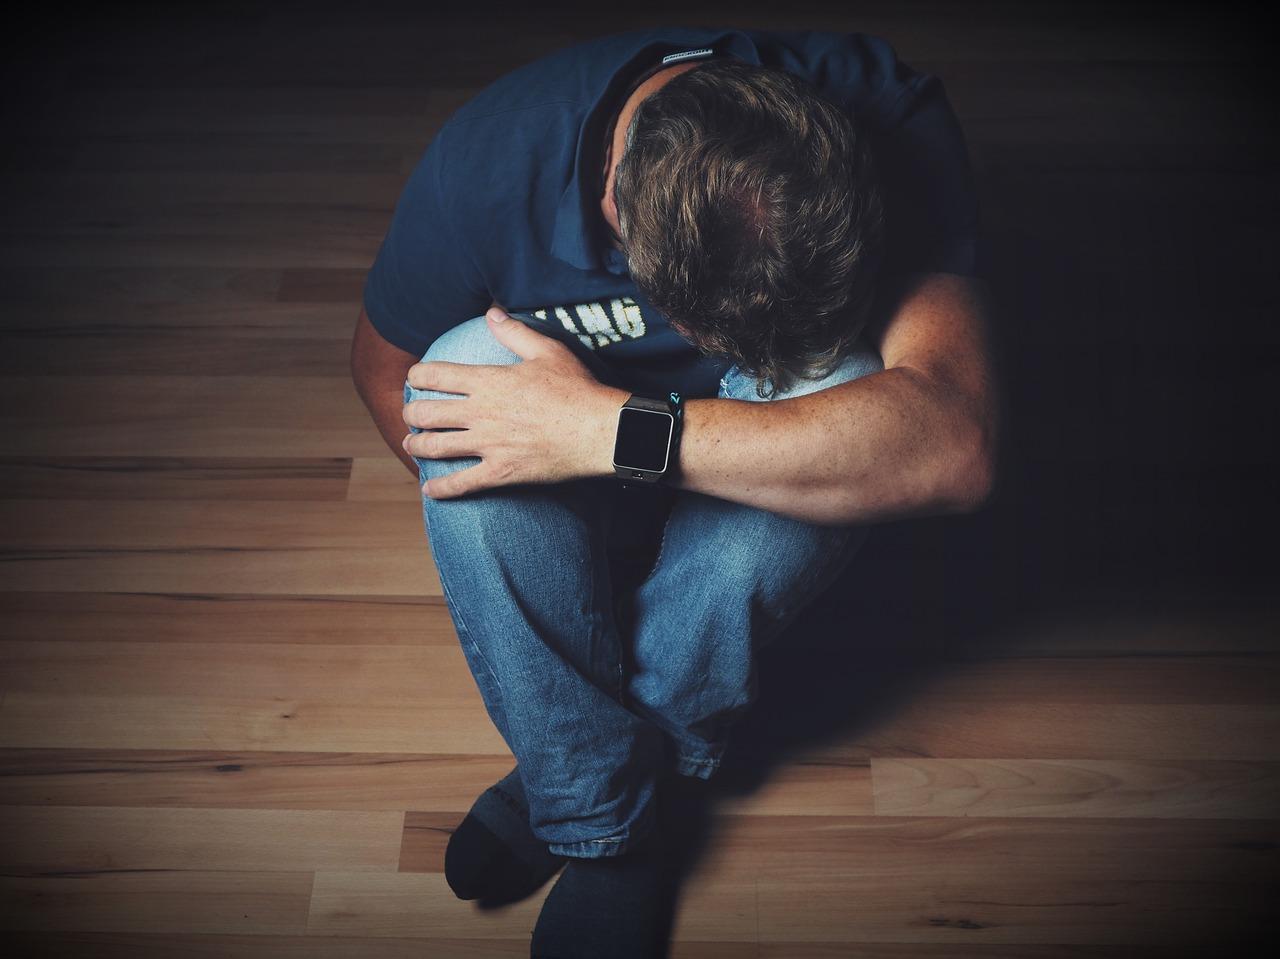 UMCG zoekt deelnemers voor onderzoeken naar behandeling hardnekkige depressie